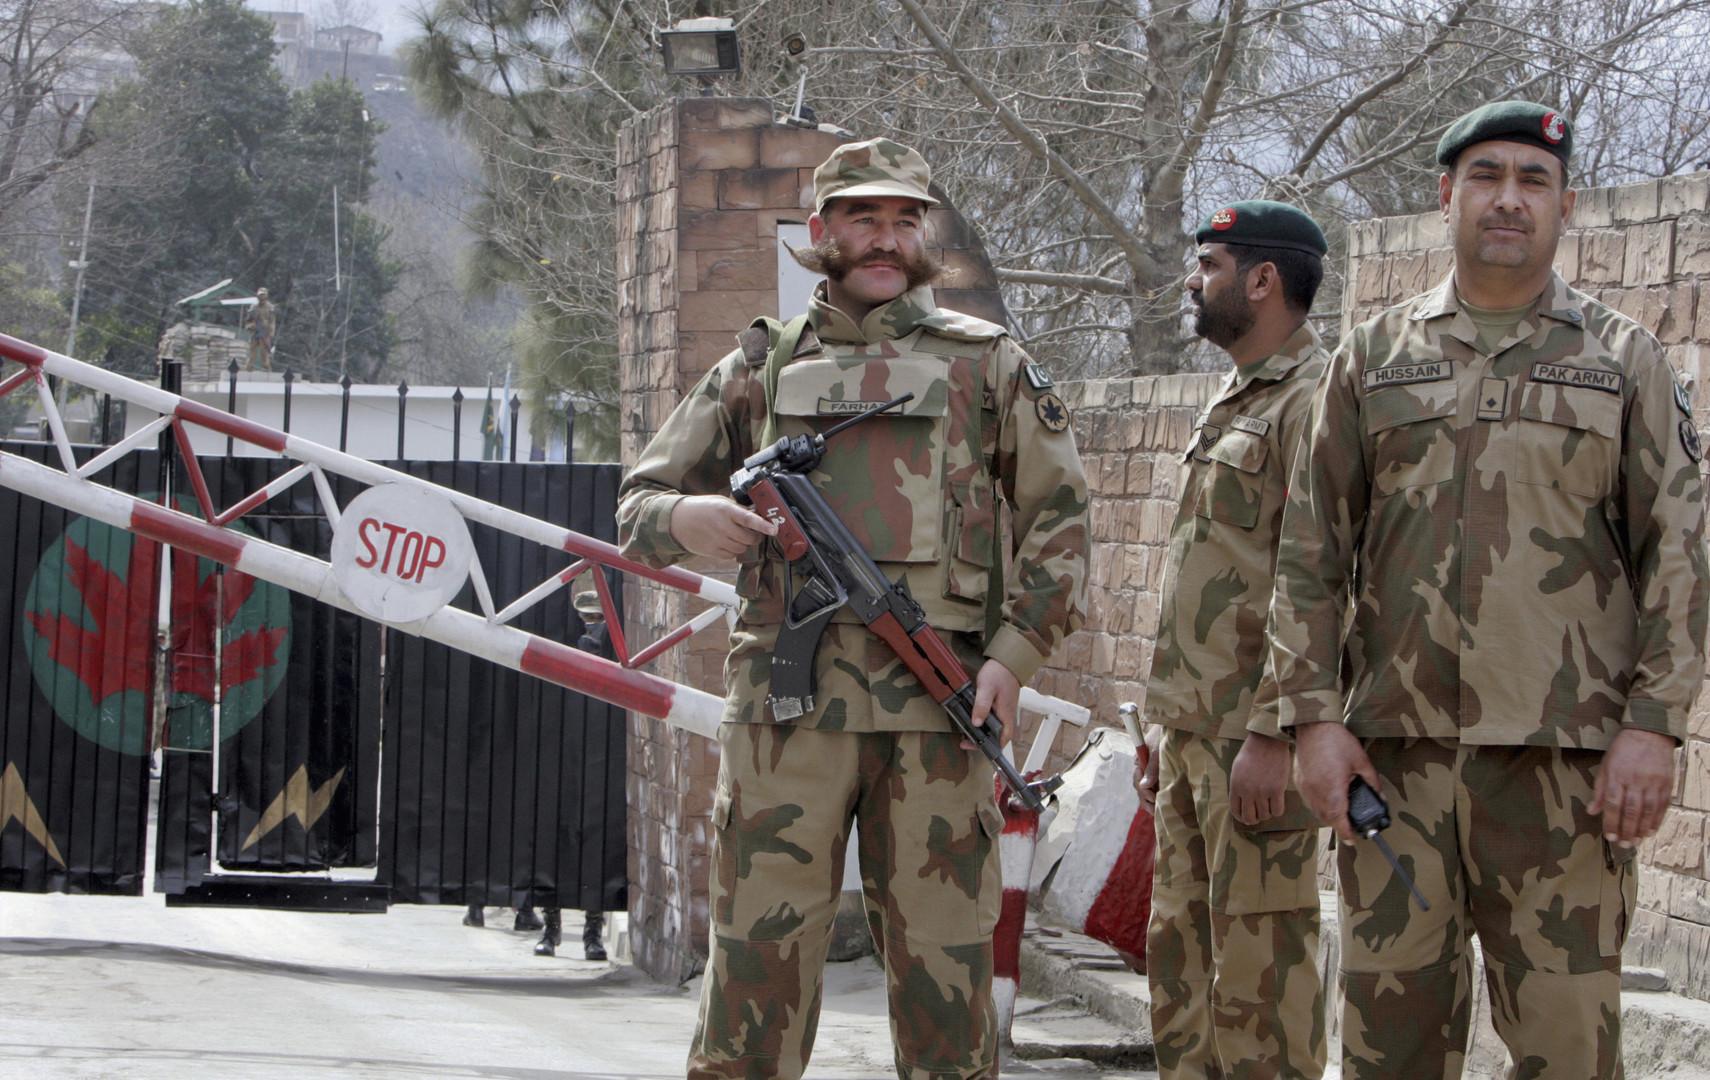 باكستان لا تستبعد اتخاذ إجراءات عسكرية ضد الهند بسبب كشمير